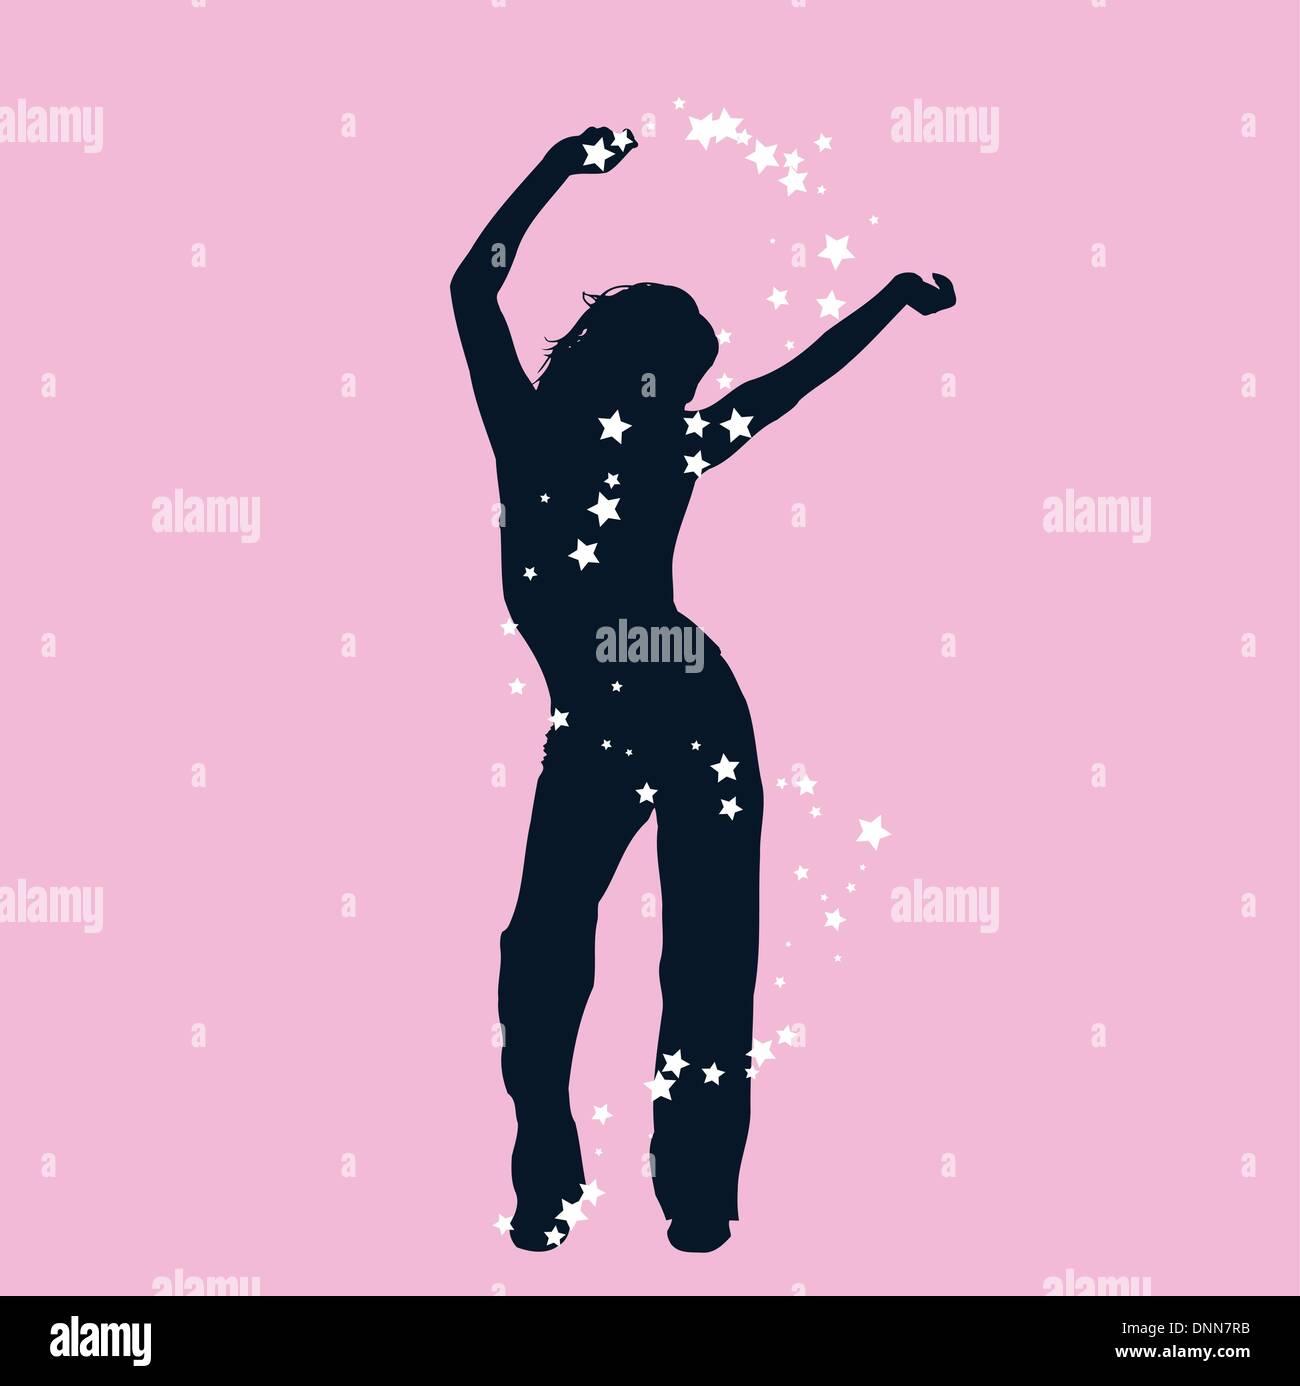 Silueta de una mujer bailando Imagen De Stock